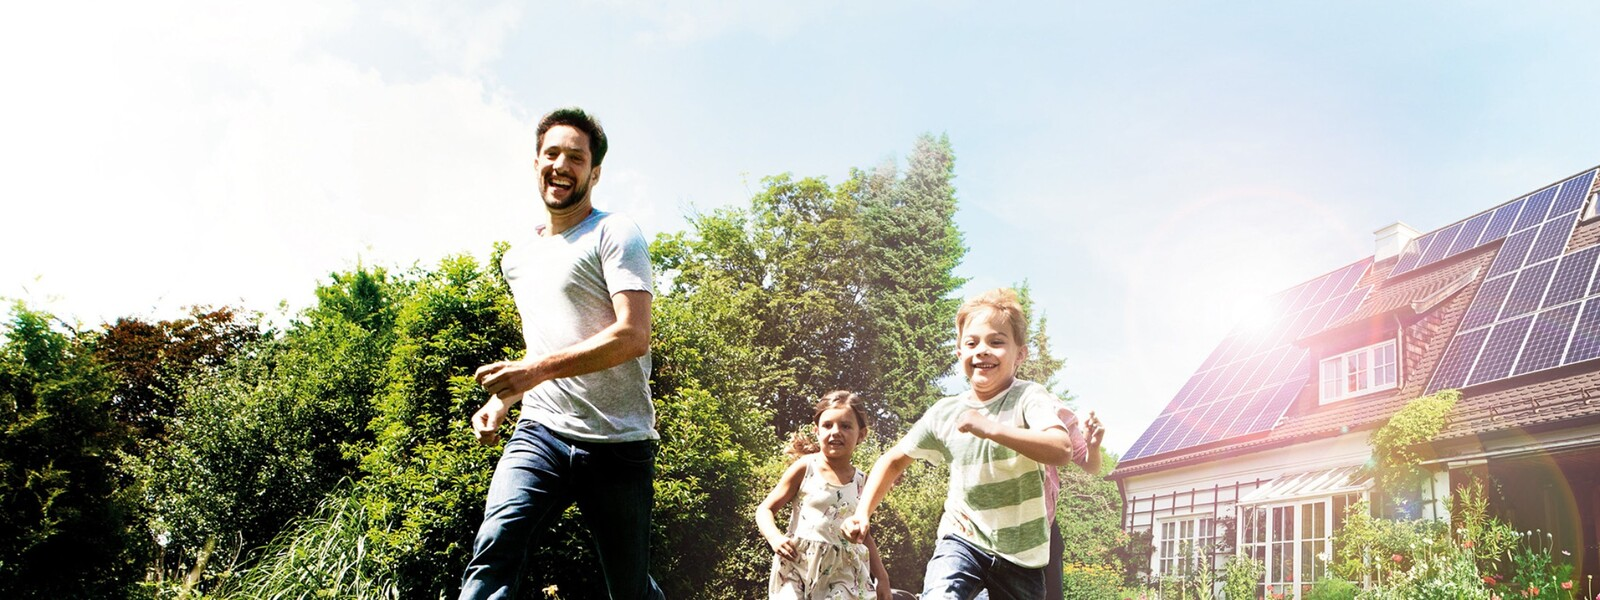 un homme court dans le jardin avec ses enfants